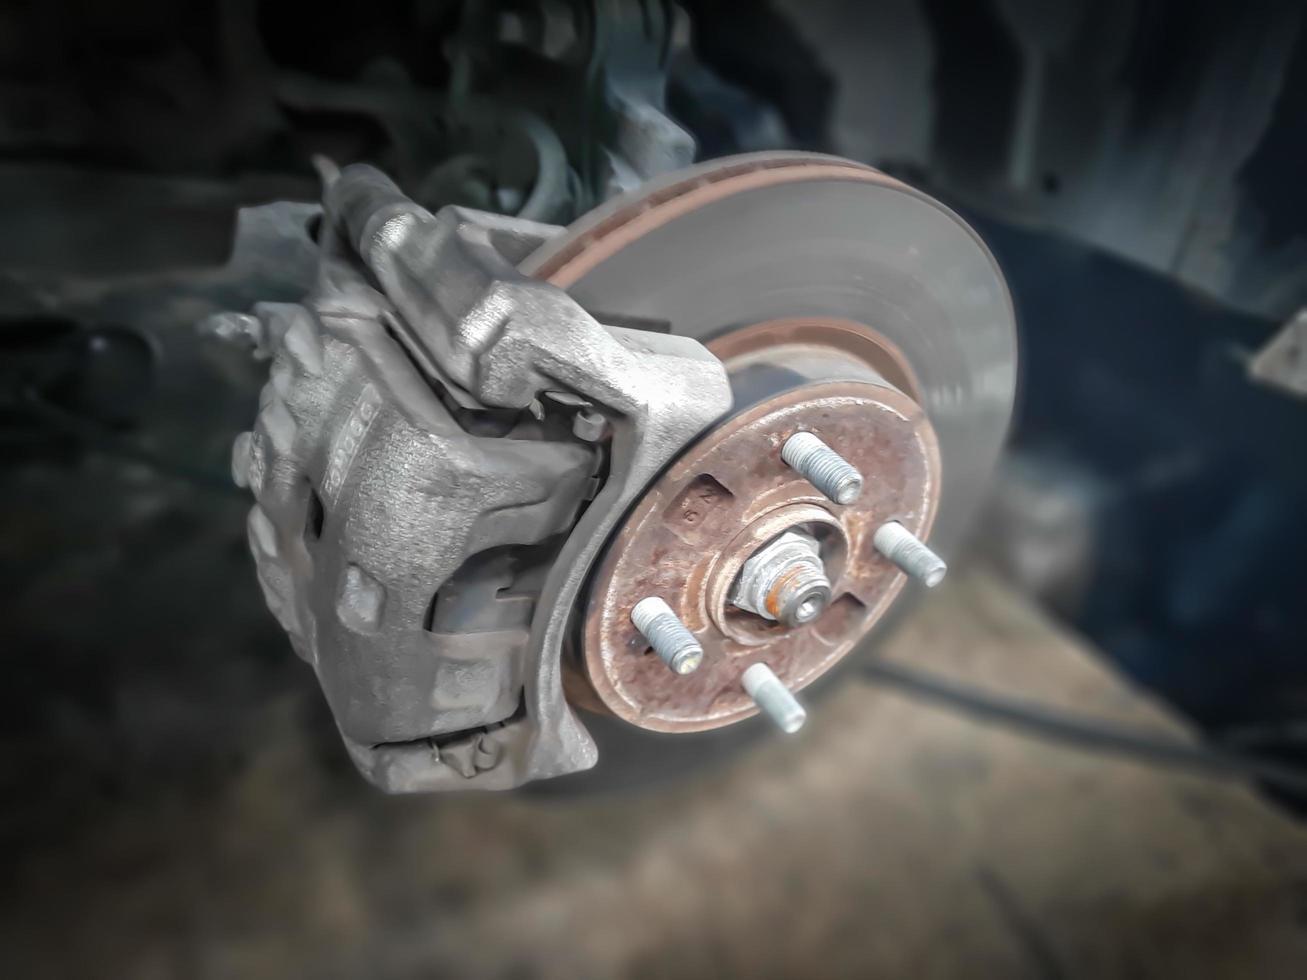 Auto Rad abnehmen Show-Trommelbremsen-Baugruppe. Reifen wechseln. foto